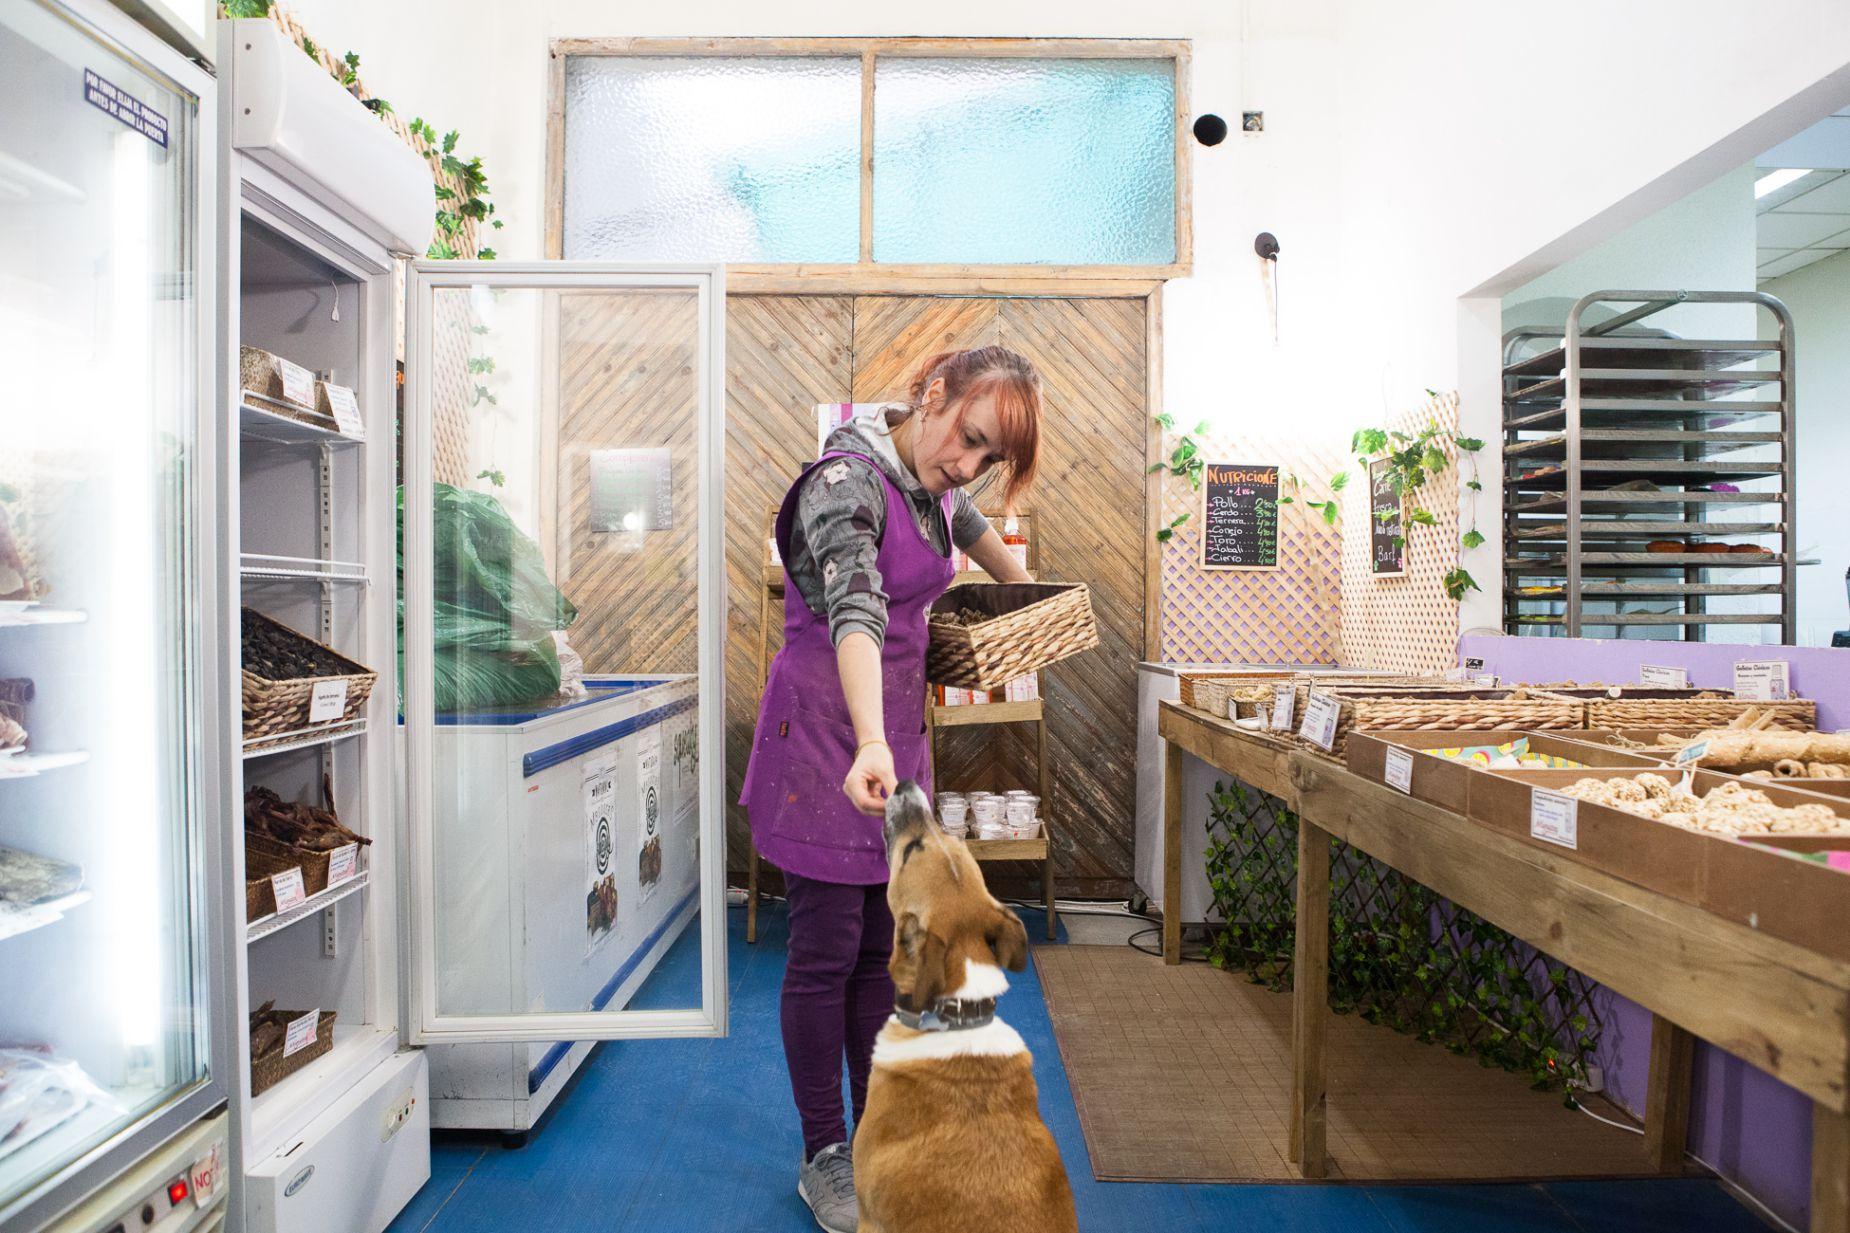 Tienda obrador 'Miguitas' (Madrid): dependienta dándole una galleta a un perro